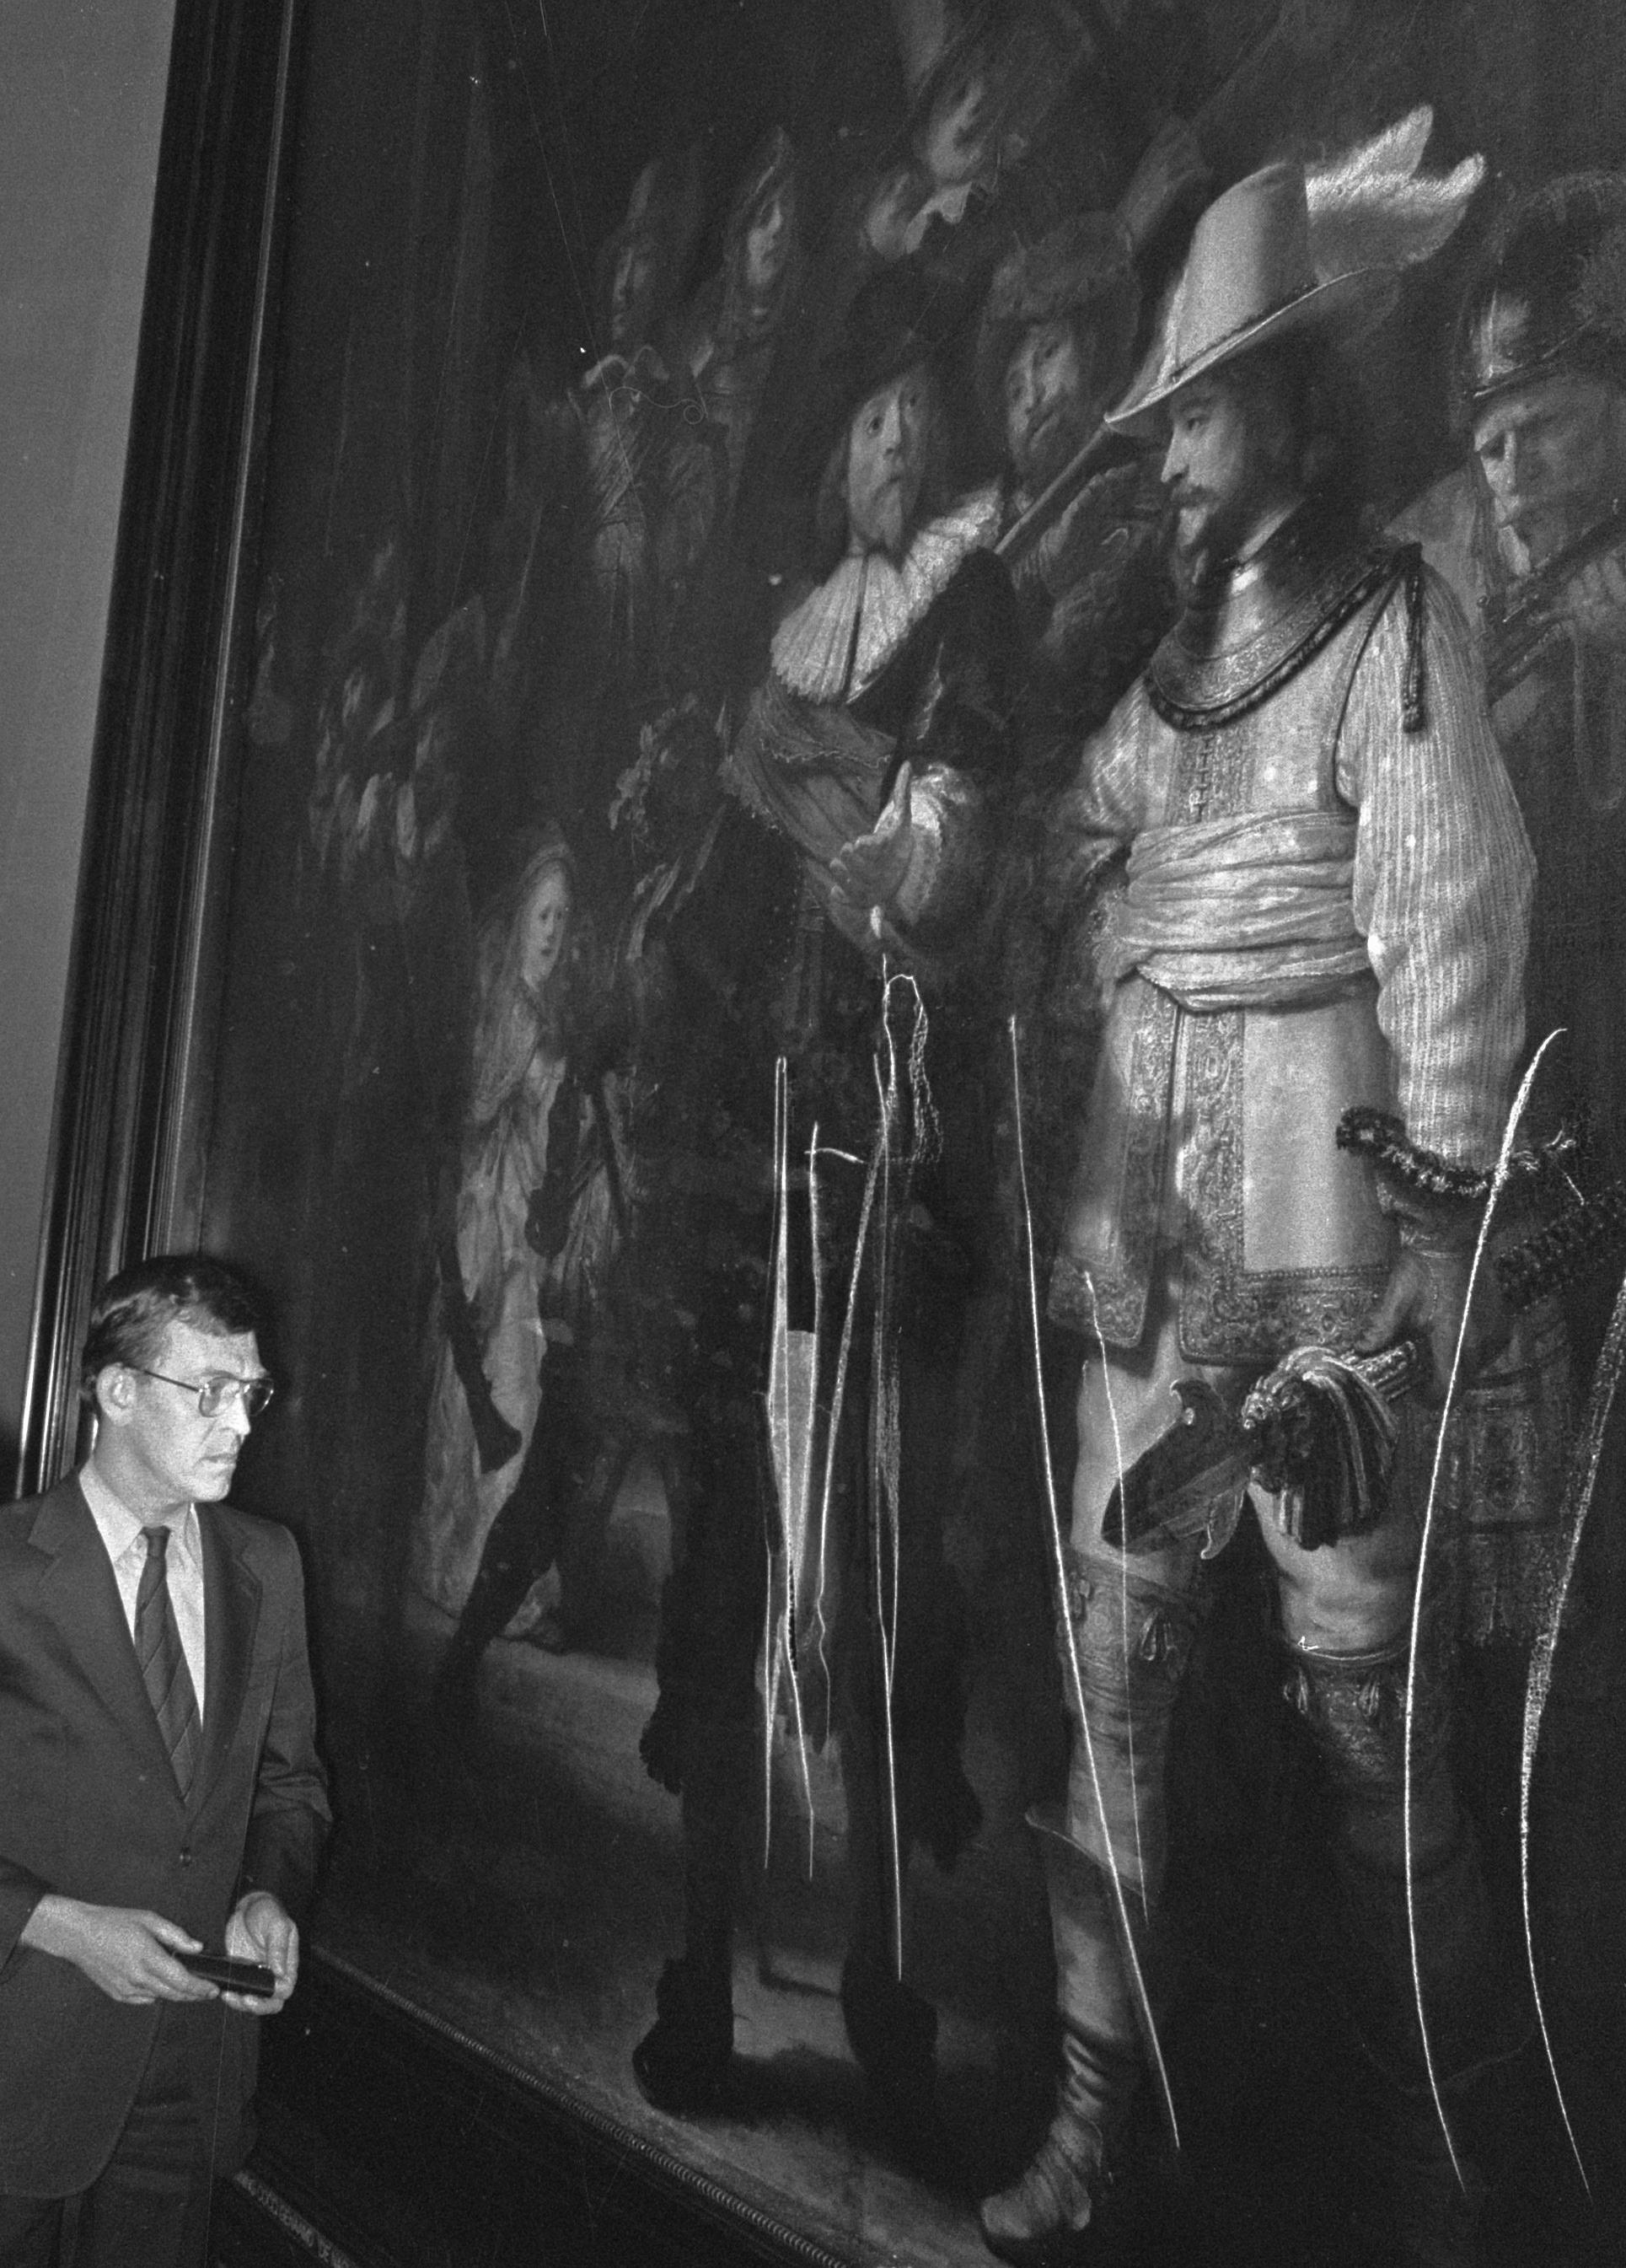 Uno de los curadores muestra a la prensa la destrucción del cuadro de Rembrandt en 1975. Fotografía: Wikimedia Commons